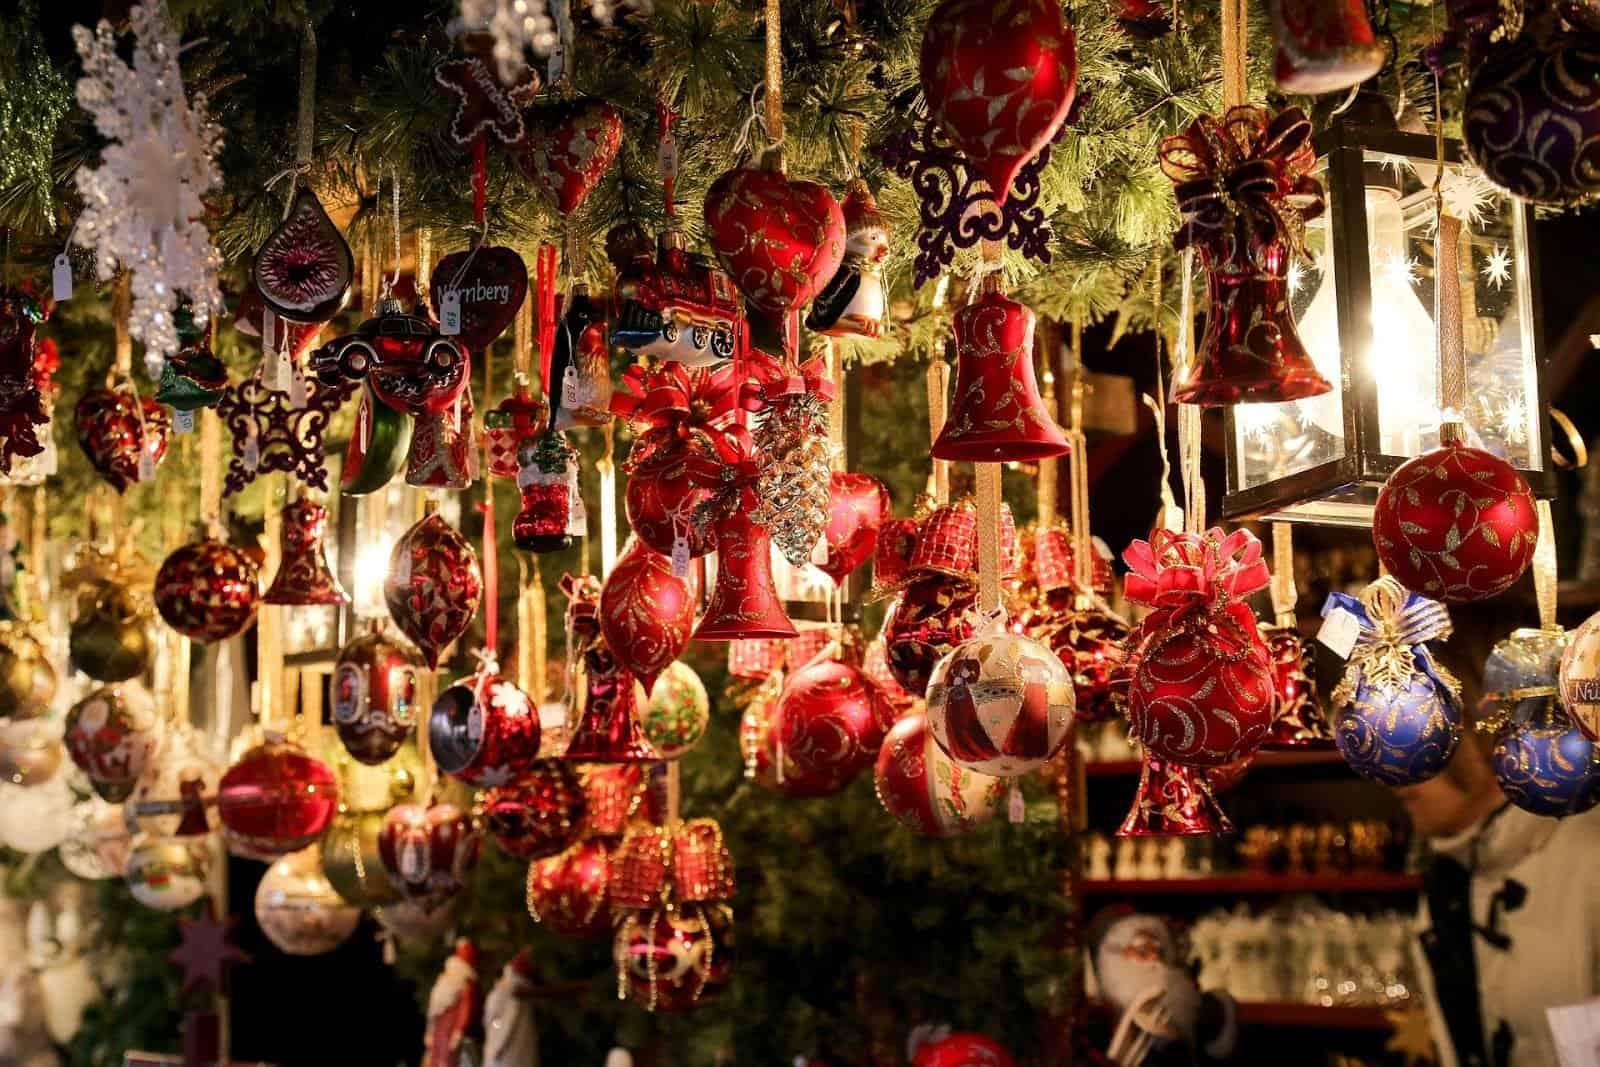 A Trento i mercatini di Natale strizzano l'occhio all'ambiente